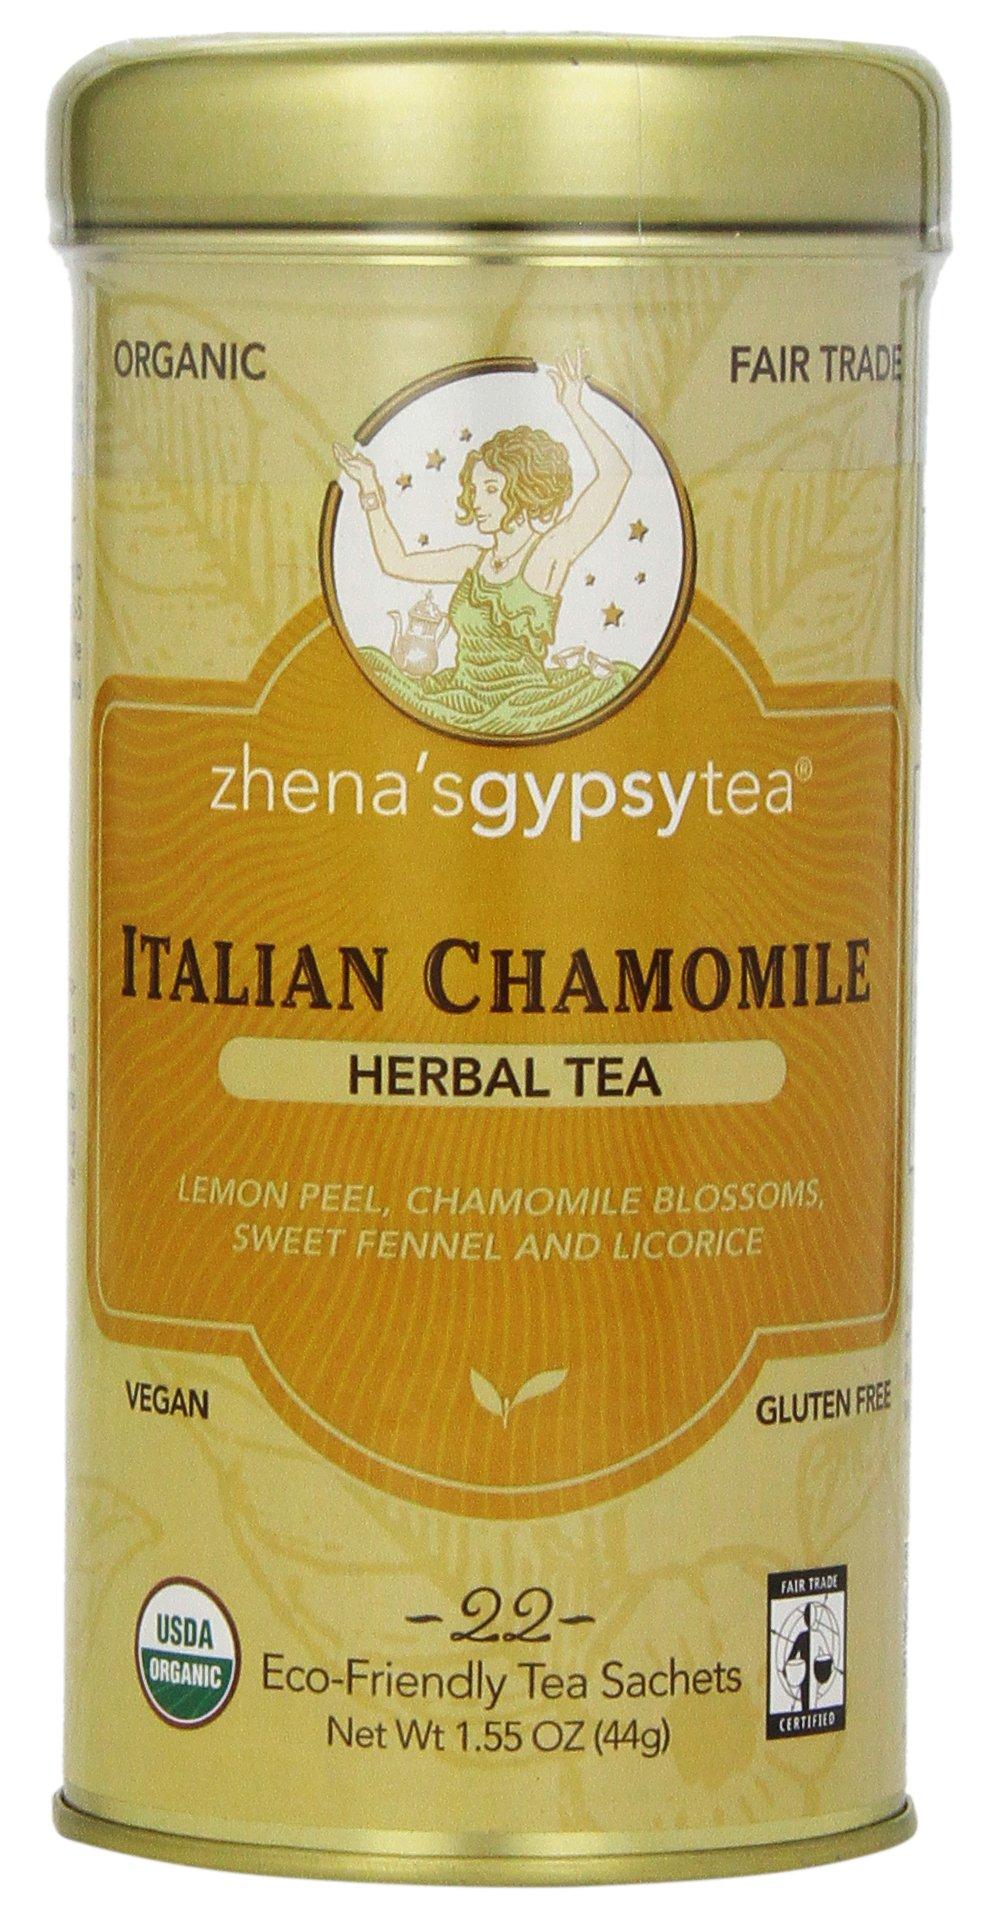 Zhena's Gypsy Tea, Italian Chamomile, 1.55 Oz, 22 Count Tea Sachet